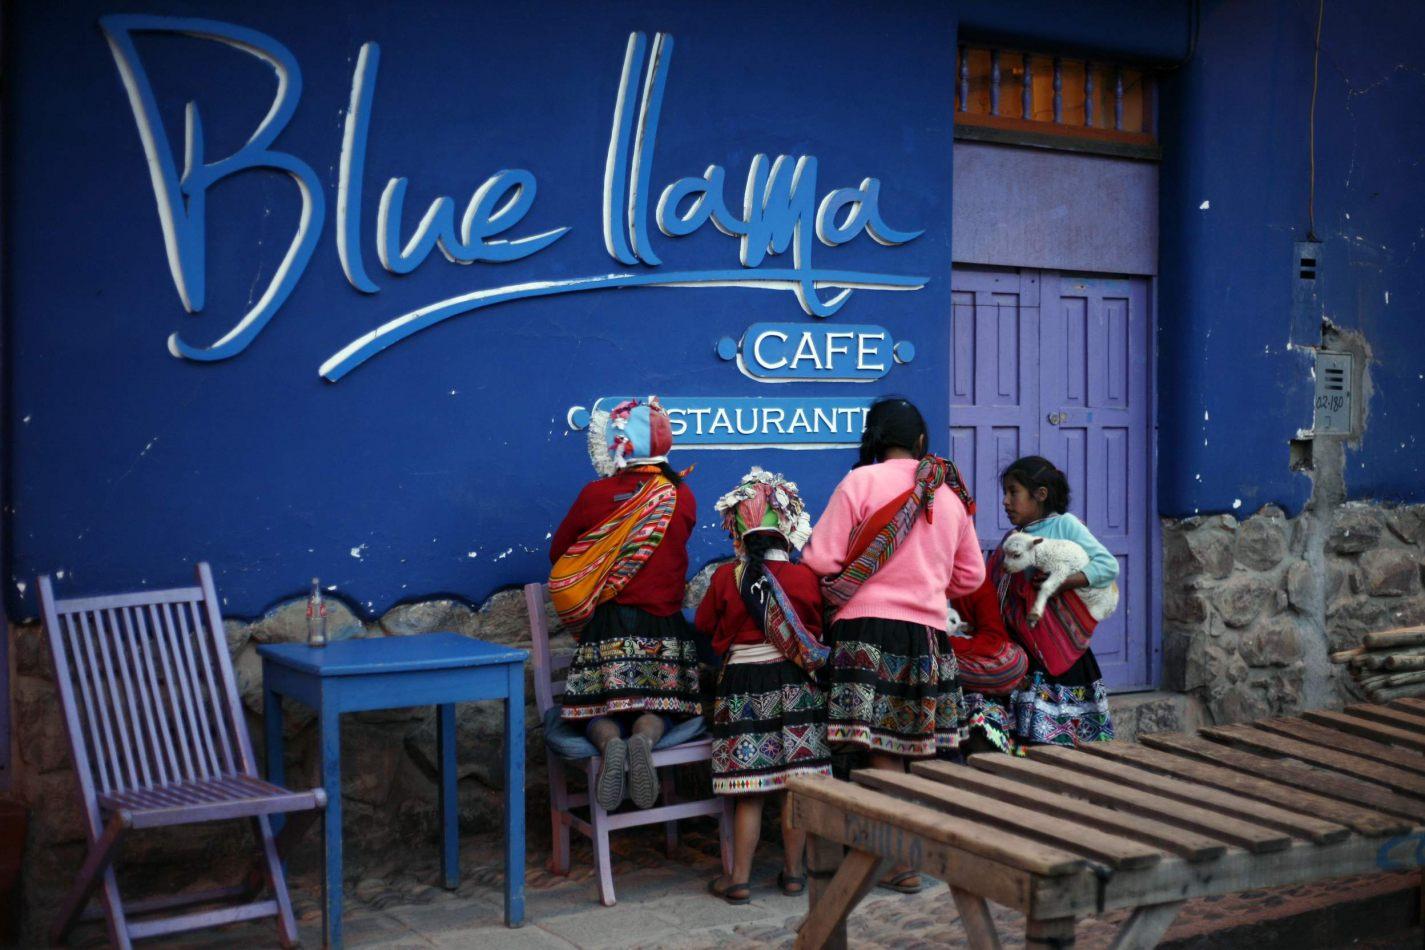 Anthony Ellis Photography: Apus - The Blue Llama Cafe